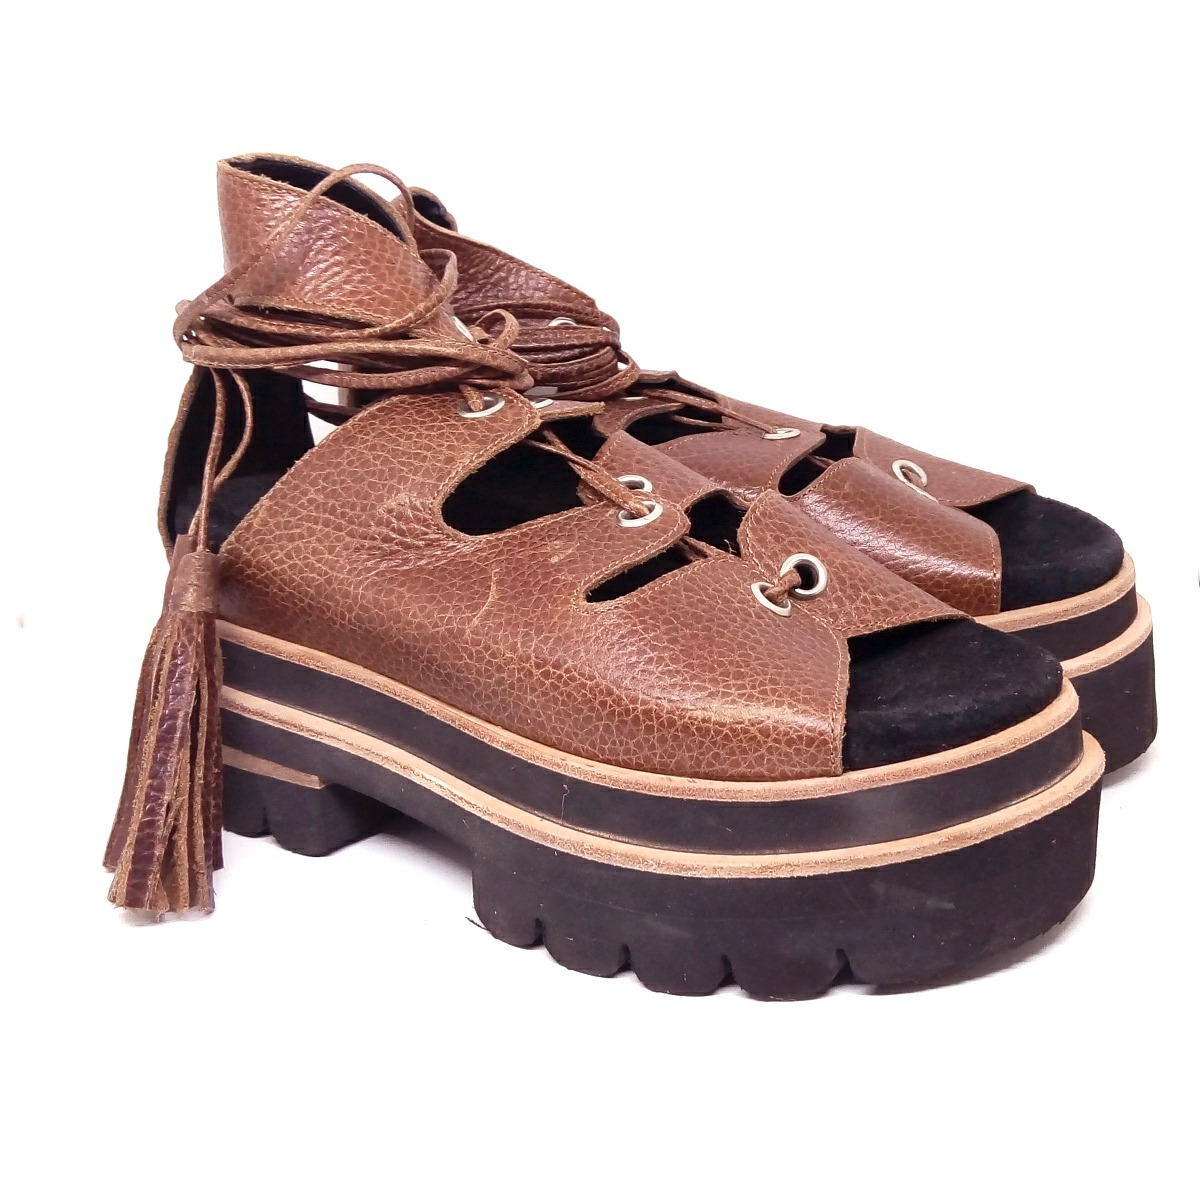 3d09fa8a40 zapatos mujer sandalias cuero gladiadoras maggio rossetto. Cargando zoom.